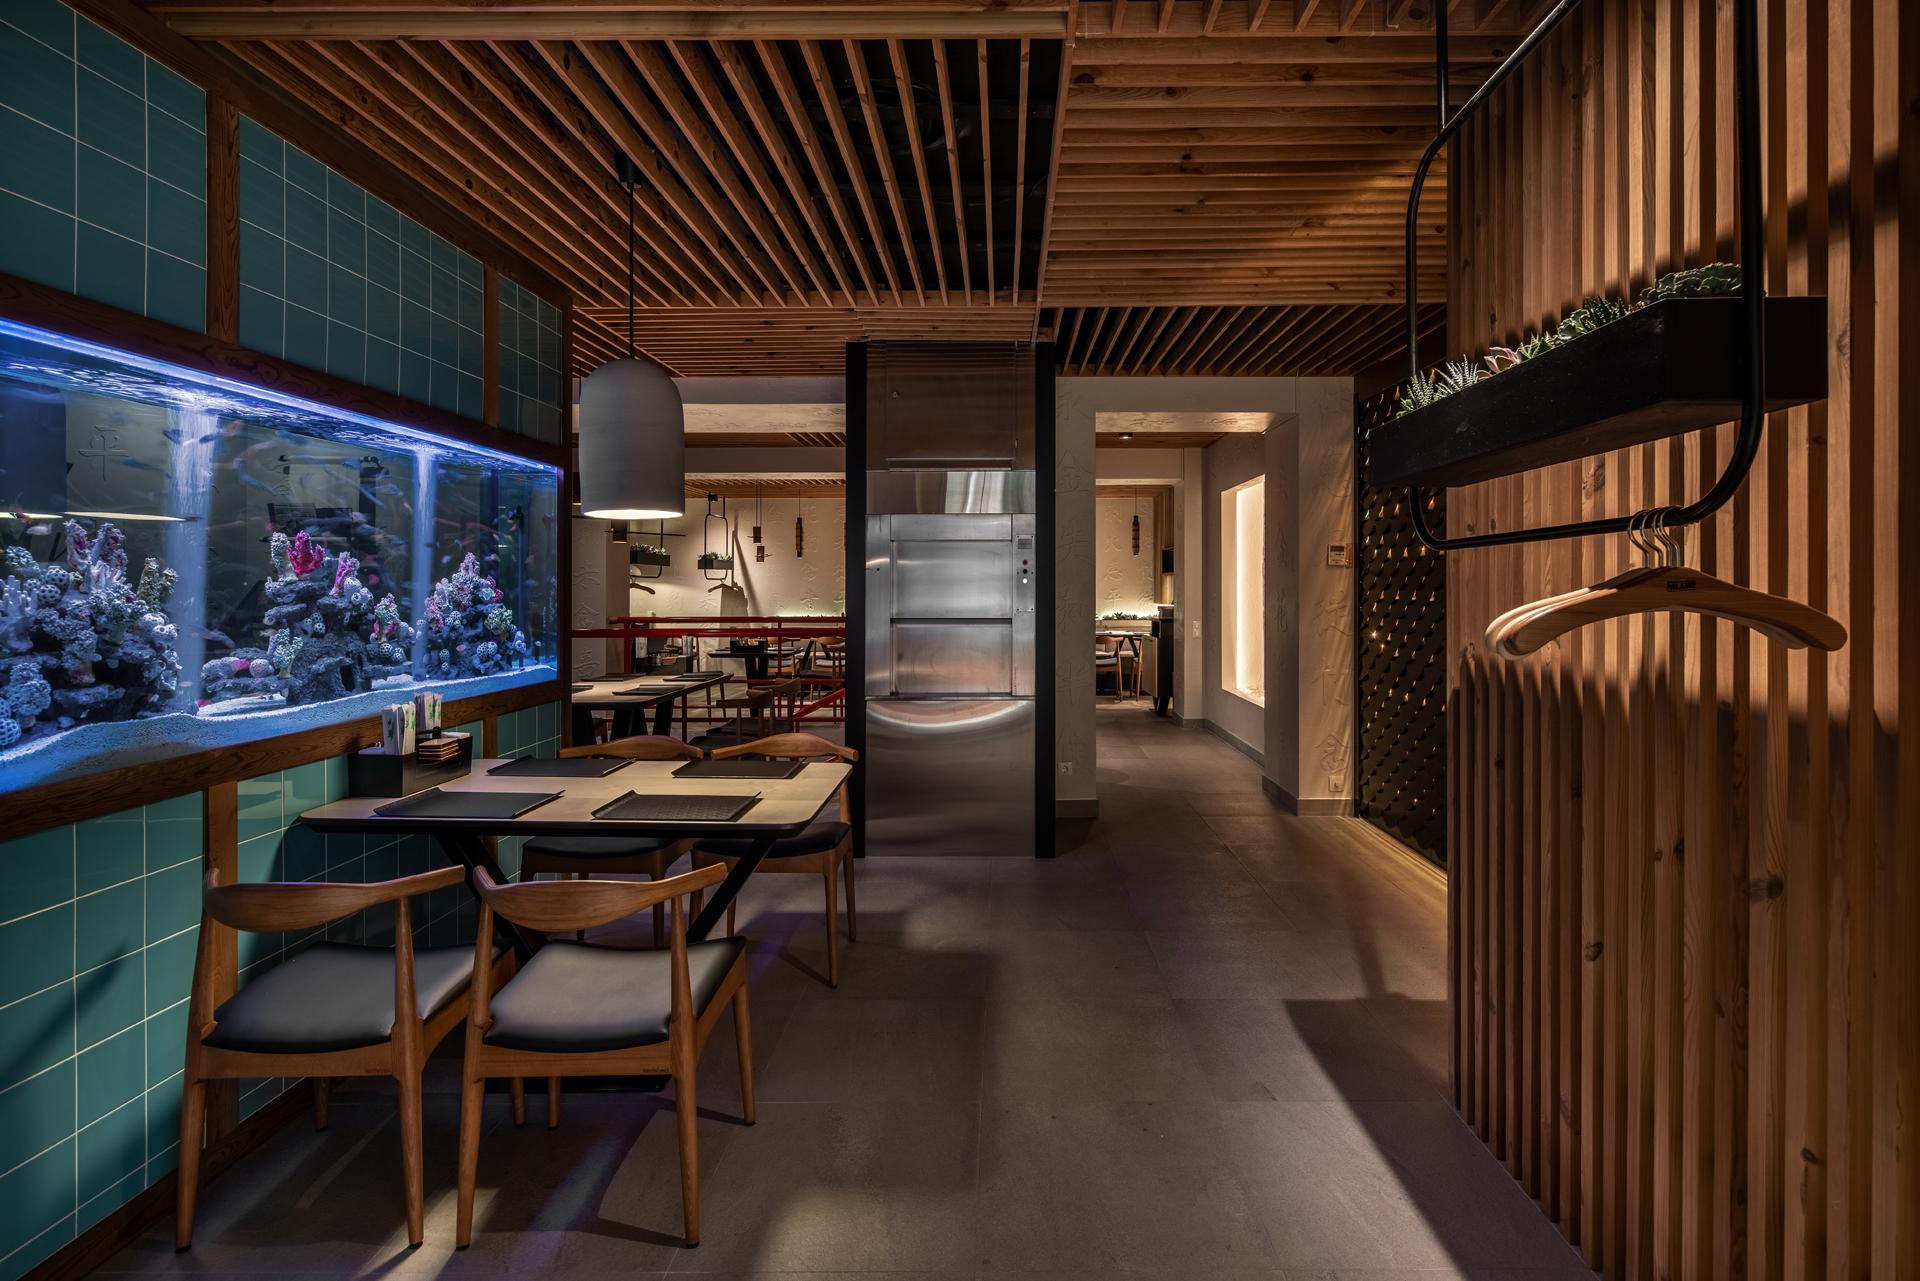 metra-studio_сучасний_ресторан_японської